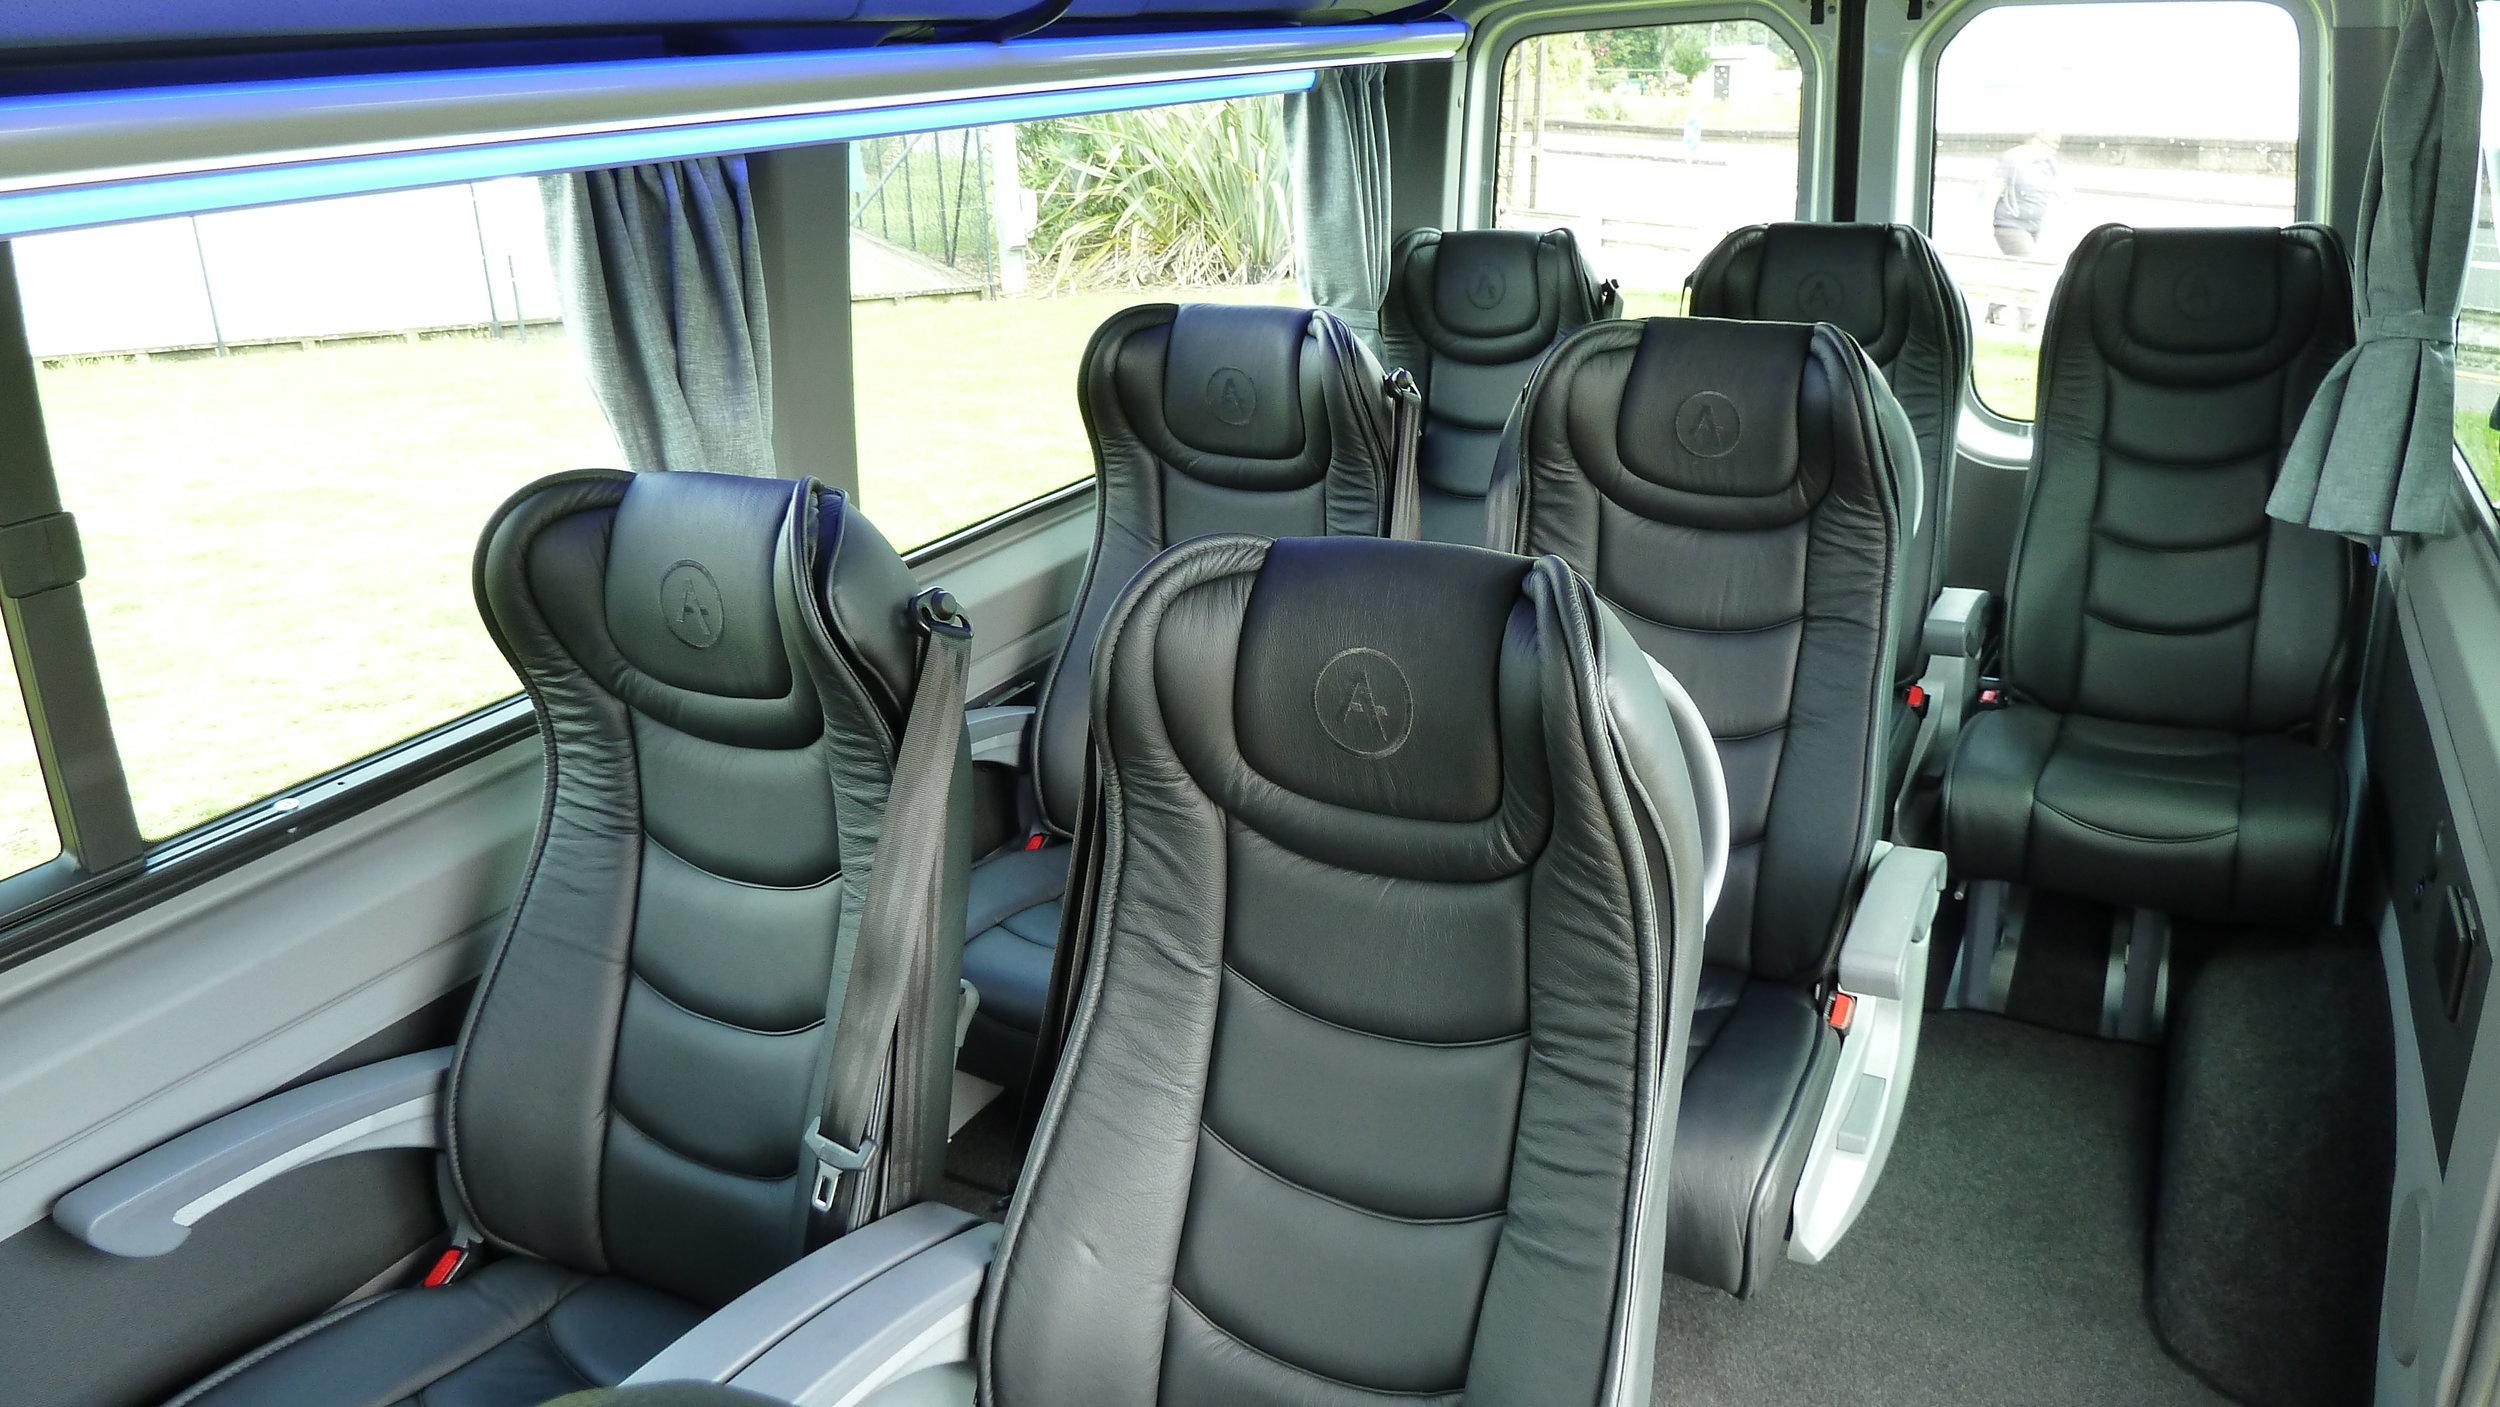 Mercedes Sprinter 8 Passenger Business Class Interior